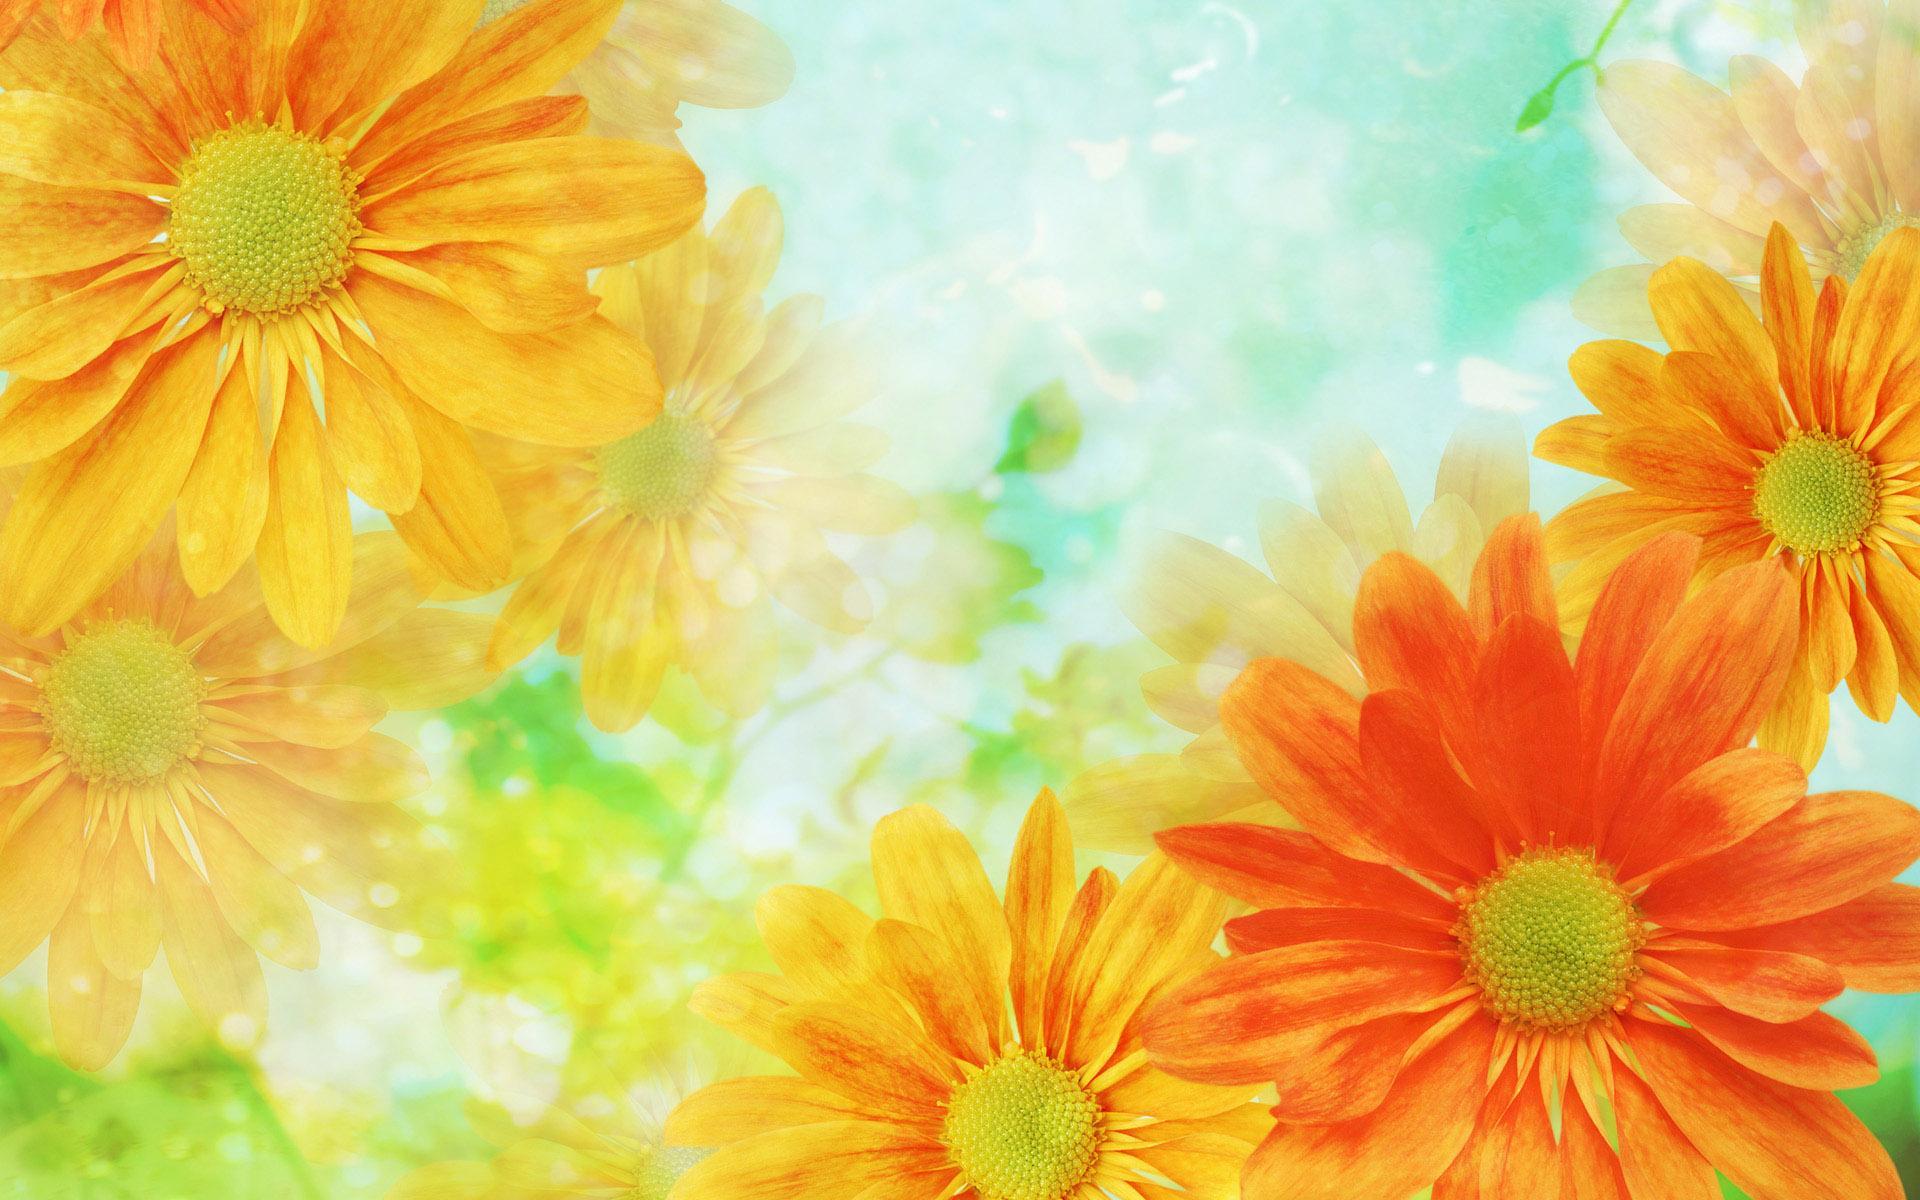 Картинки красивые цветы со смыслом (37 фото) Прикольные 63